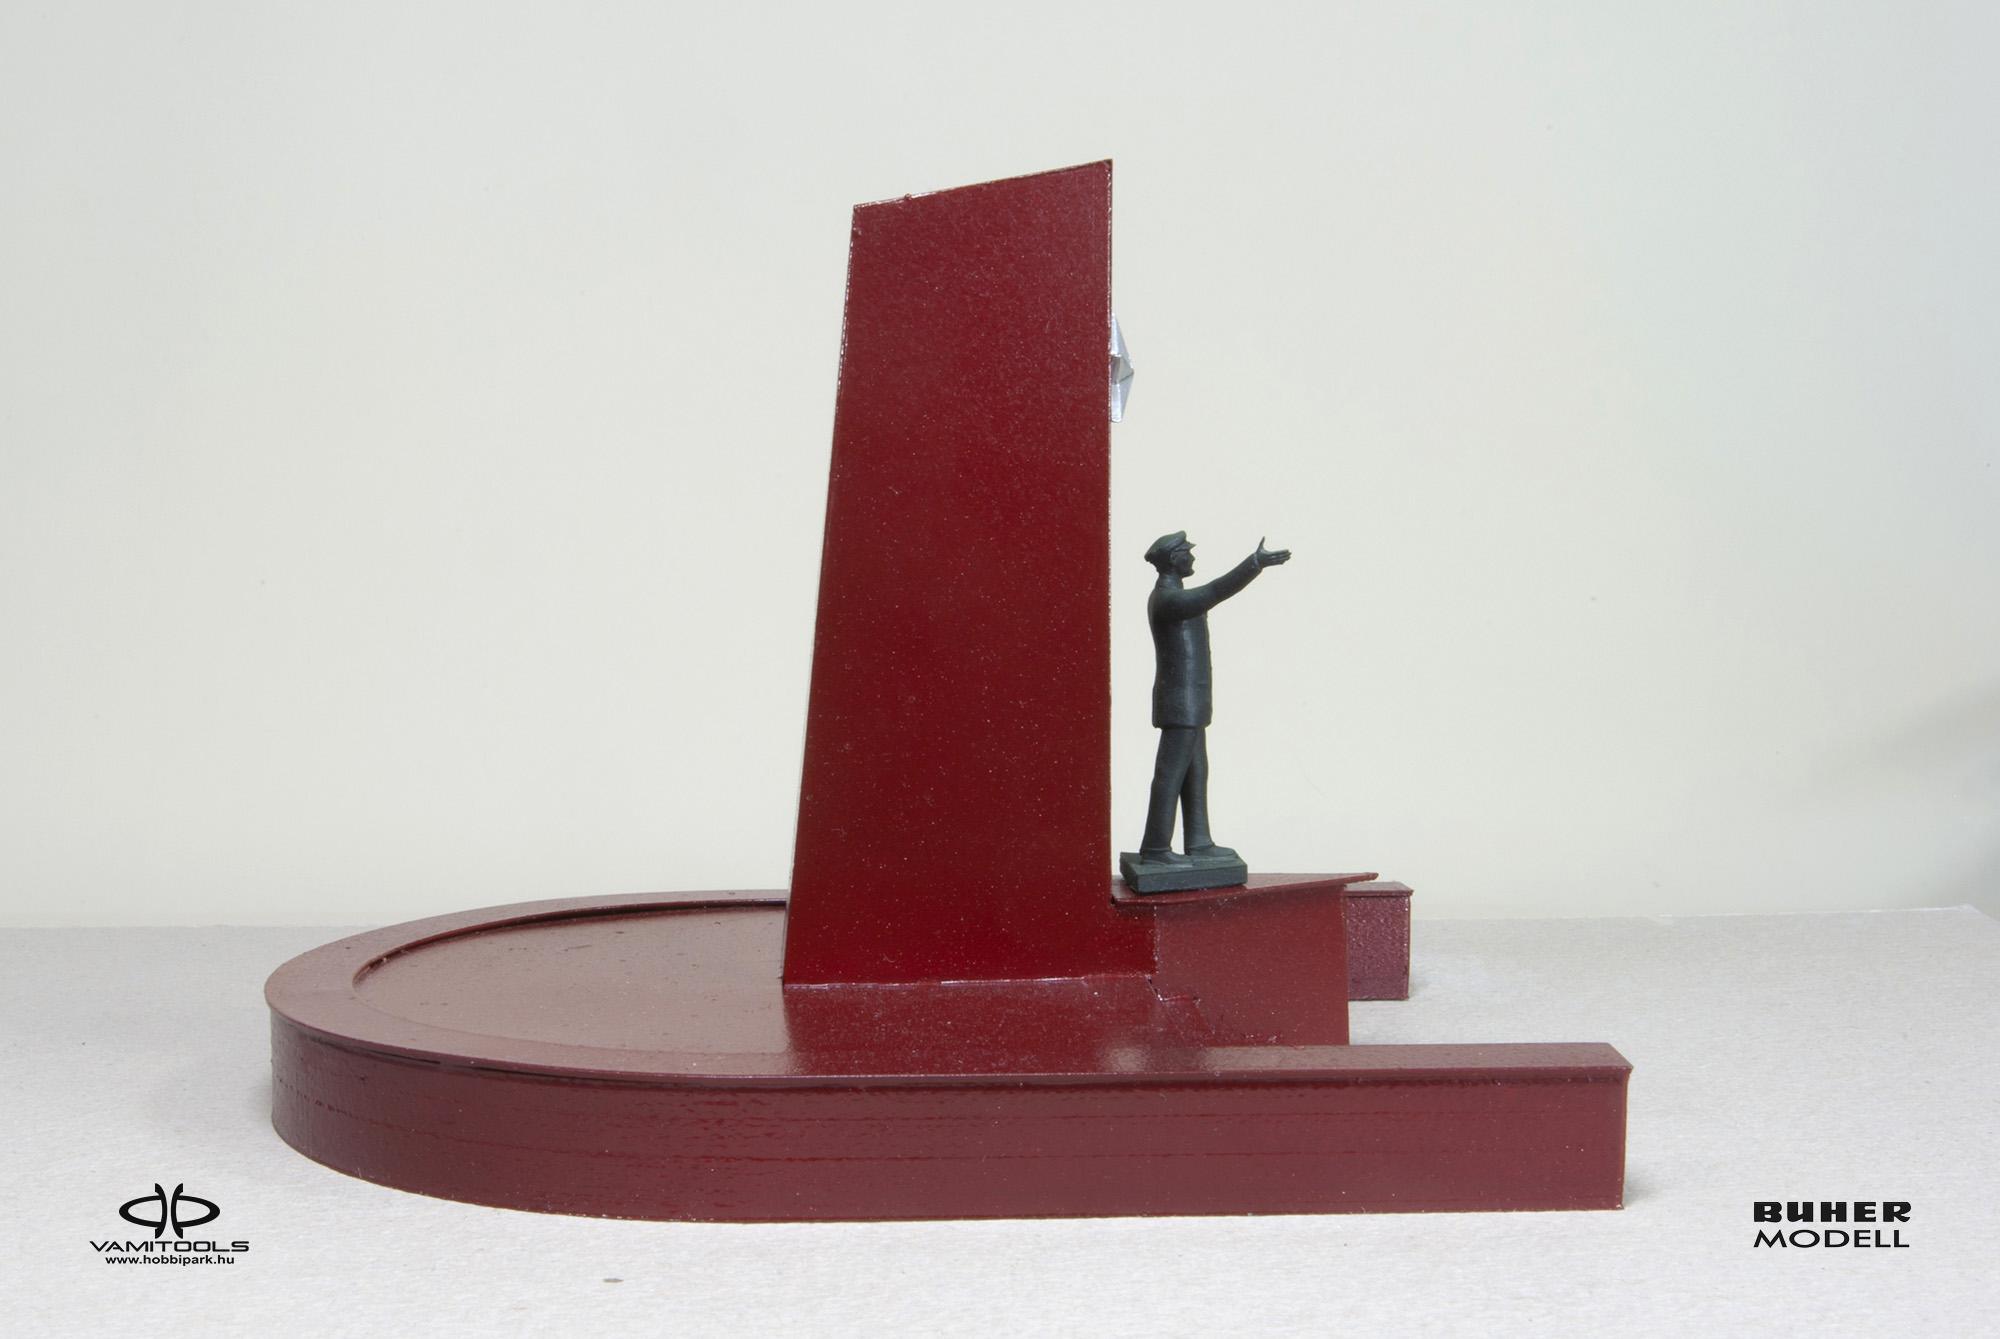 szobor, emlékmű, Lenin szobor, Lenin emlékmű, emlékmű, alkotás, mű, műemlék, bronz szobor, kőszobor, Lenin szobor, Lenin bronz szobor, Lenin emlékmű, terepasztal, dioráma, H0 szobor, H0 emlékmű, H0 Lenin szobor, H0 Lenin emlékmű, H0 emlékmű, H0 alkotás, H0 mű, H0 műemlék, H0 bronz szobor, H0 kőszobor, H0 Lenin szobor, H0 Lenin bronz szobor, H0 Lenin emlékmű, H0 terepasztal, H0 dioráma, 1:87 szobor, 1:87 emlékmű, 1:87 Lenin szobor, 1:87 Lenin emlékmű, 1:87 emlékmű, 1:87 alkotás, 1:87 mű, 1:87 műemlék, 1:87 bronz szobor, 1:87 kőszobor, 1:87 Lenin szobor, 1:87 Lenin bronz szobor, 1:87 Lenin emlékmű, 1:87 terepasztal, 1:87 dioráma, TT szobor, TT emlékmű, TT Lenin szobor, TT Lenin emlékmű, TT emlékmű, TT alkotás, TT mű, TT műemlék, TT bronz szobor, TT kőszobor, TT Lenin szobor, TT Lenin bronz szobor, TT Lenin emlékmű, TT terepasztal, TT dioráma, 1:120 szobor, 1:120 emlékmű, 1:120 Lenin szobor, 1:120 Lenin emlékmű, 1:120 emlékmű, 1:120 alkotás, 1:120 mű, 1:120 műemlék, 1:120 bronz szobor, 1:120 kőszobor, 1:120 Lenin szobor, 1:120 Lenin bronz szobor, 1:120 Lenin emlékmű, 1:120 terepasztal, 1:120 dioráma, N szobor, N emlékmű, N Lenin szobor, N Lenin emlékmű, N emlékmű, N alkotás, N mű, N műemlék, N bronz szobor, N kőszobor, N Lenin szobor, N Lenin bronz szobor, N Lenin emlékmű, N terepasztal, N dioráma, 1:160 szobor, 1:160 emlékmű, 1:160 Lenin szobor, 1:160 Lenin emlékmű, 1:160 emlékmű, 1:160 alkotás, 1:160 mű, 1:160 műemlék, 1:160 bronz szobor, 1:160 kőszobor, 1:160 Lenin szobor, 1:160 Lenin bronz szobor, 1:160 Lenin emlékmű, 1:160 terepasztal, 1:160 dioráma, modell szobor, modell emlékmű, modell Lenin szobor, modell Lenin emlékmű, modell emlékmű, modell alkotás, modell mű, modell műemlék, modell bronz szobor, modell kőszobor, modell Lenin szobor, modell Lenin bronz szobor, modell Lenin emlékmű, modell terepasztal, modell dioráma, makett szobor, makett emlékmű, makett Lenin szobor, makett Lenin emlékmű, makett emlékmű, makett alkotás, makett mű, makett műemlék, makett bron